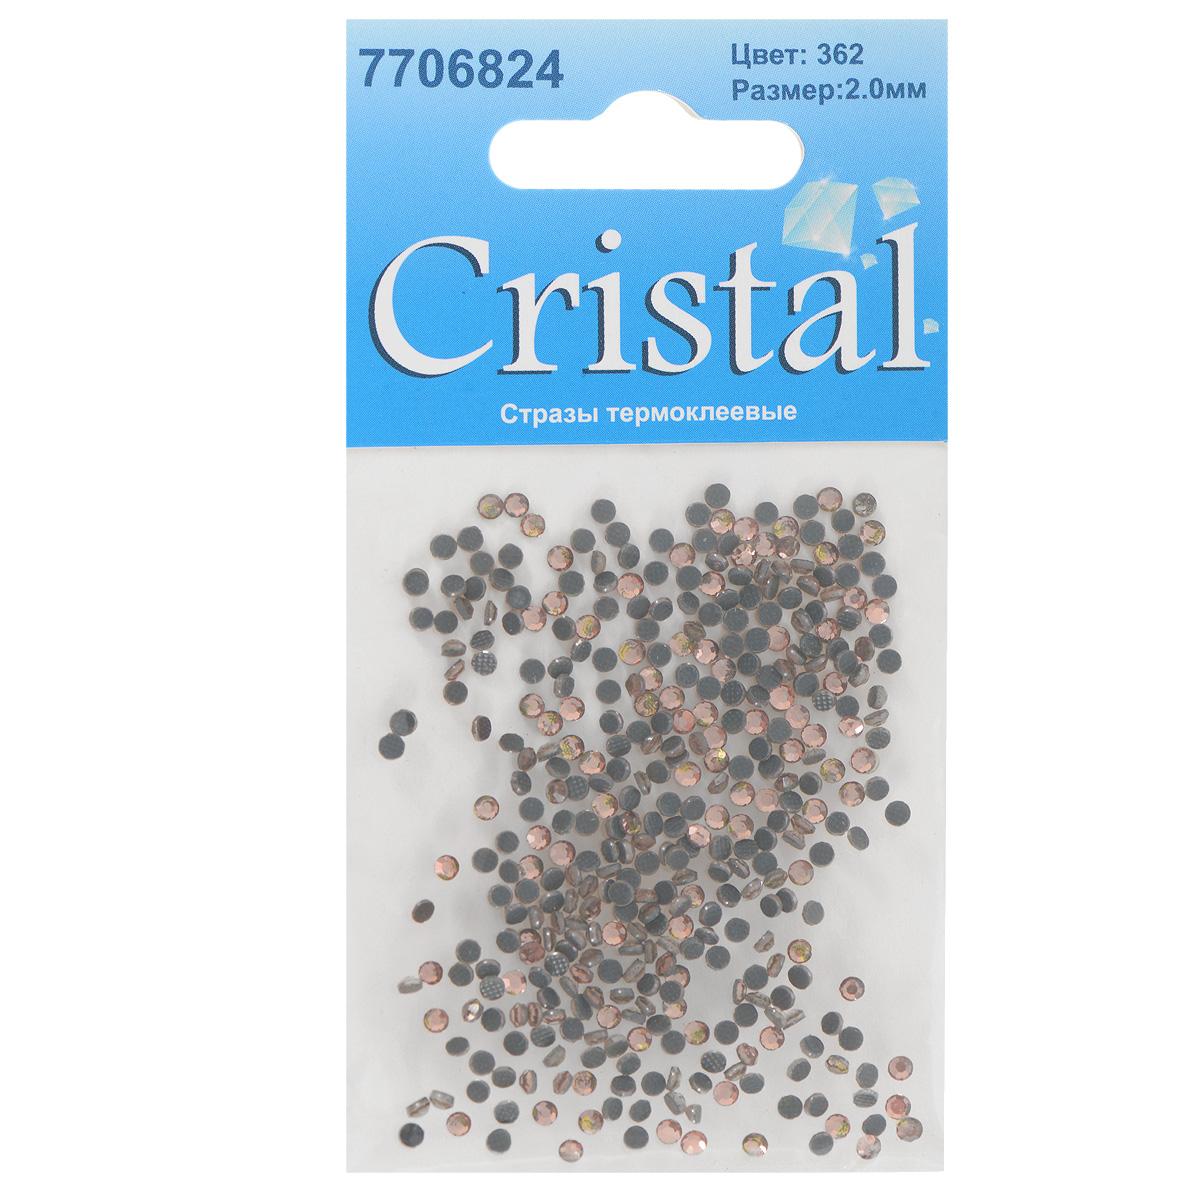 Стразы термоклеевые Cristal, цвет: светло-коралловый (362), диаметр 2 мм, 432 шт7706824_362Набор термоклеевых страз Cristal, изготовленный из высококачественного акрила, позволит вам украсить одежду, аксессуары или текстиль. Яркие стразы имеют плоское дно и круглую поверхность с гранями.Дно термоклеевых страз уже обработано особым клеем, который под воздействием высоких температур начинает плавиться, приклеиваясь, таким образом, к требуемой поверхности. Чаще всего их используют в текстильной промышленности: стразы прикладывают к ткани и проглаживают утюгом с обратной стороны. Также можно использовать специальный паяльник. Украшение стразами поможет сделать любую вещь оригинальной и неповторимой. Диаметр страз: 2 мм.